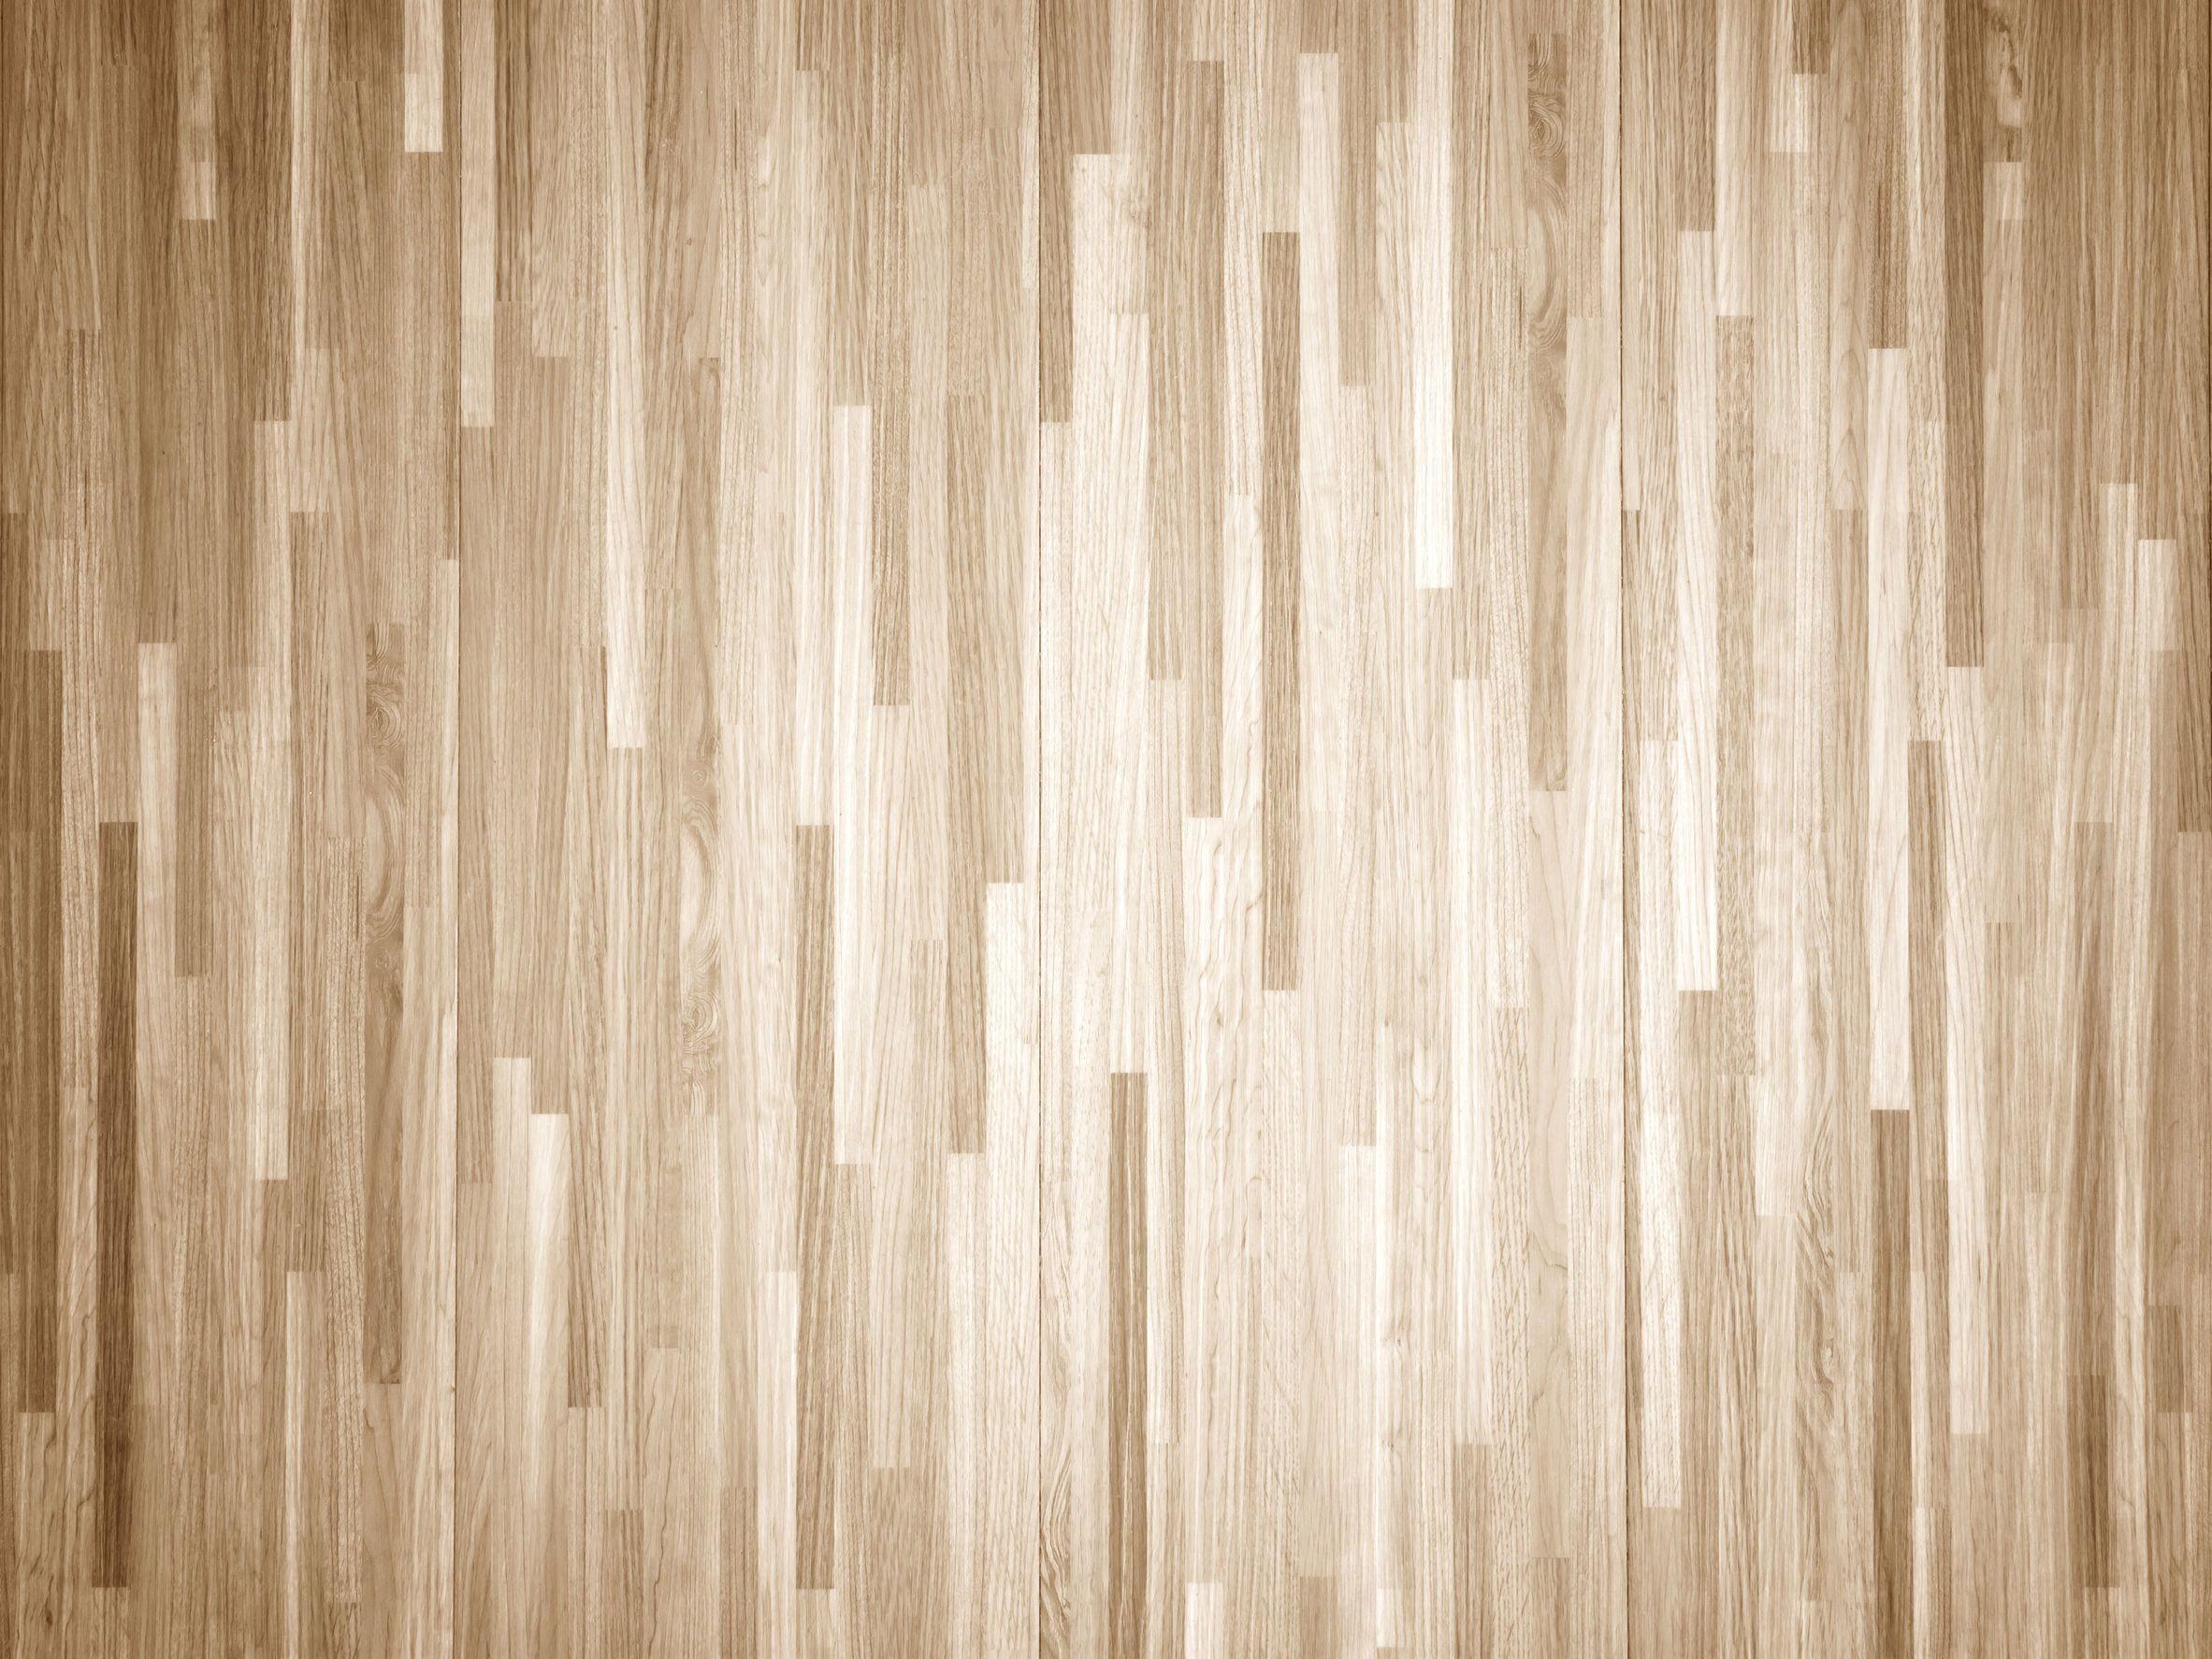 29 Fabulous Average Cost To Refinish Hardwood Floors